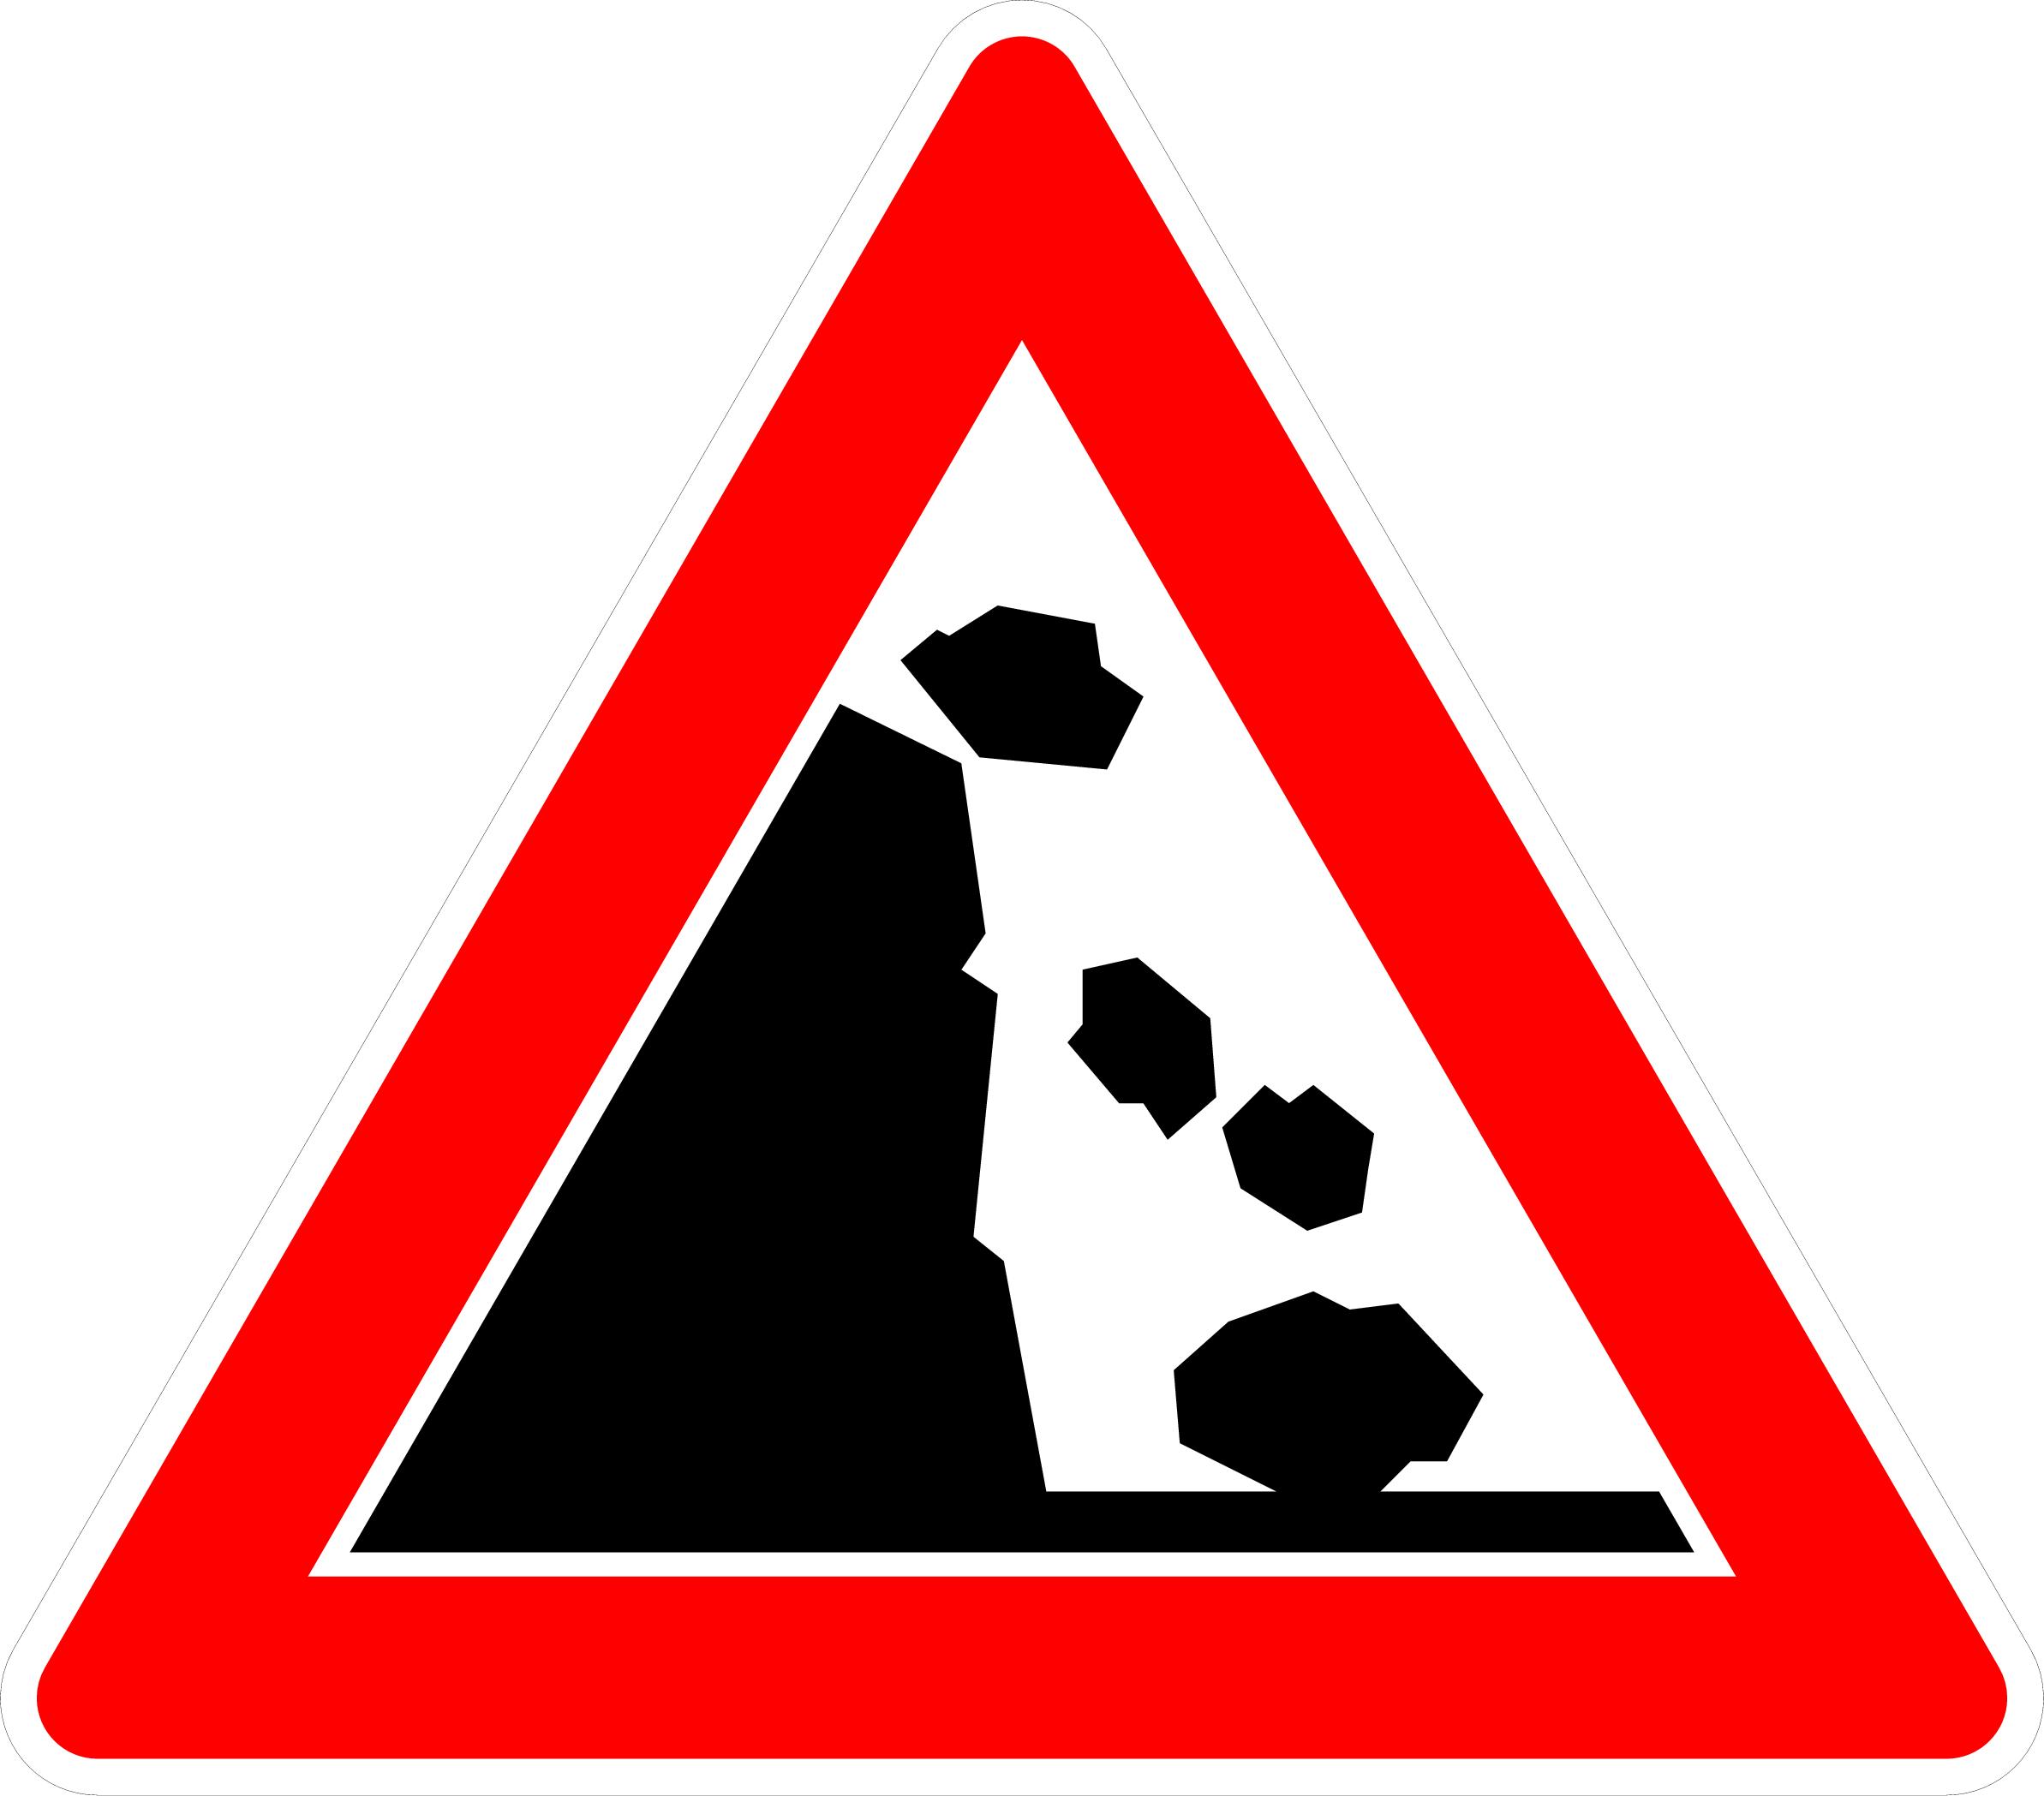 VZ 101-25 Steinschlag, Aufstellung links